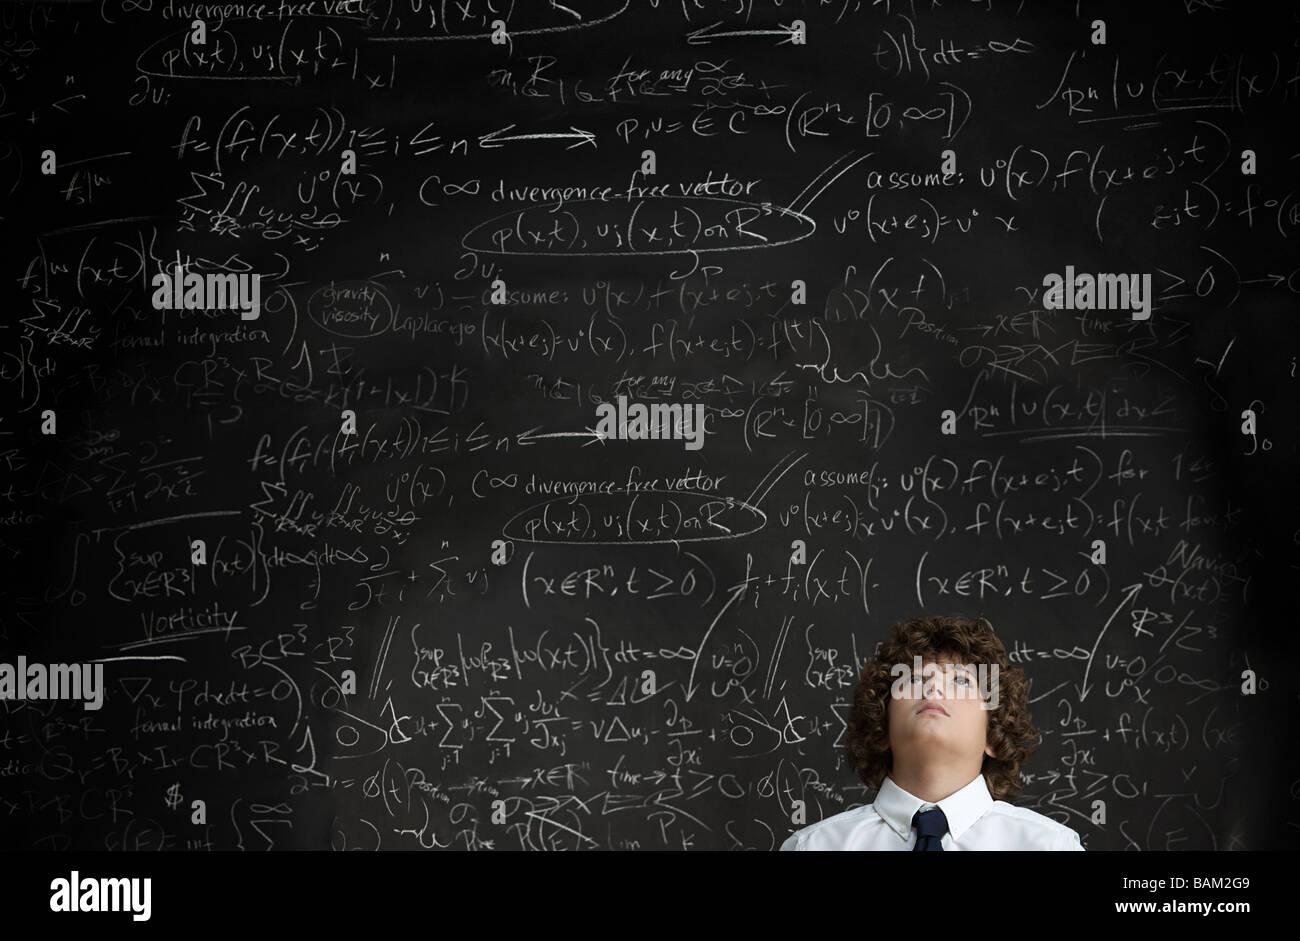 Boy in front of blackboard - Stock Image